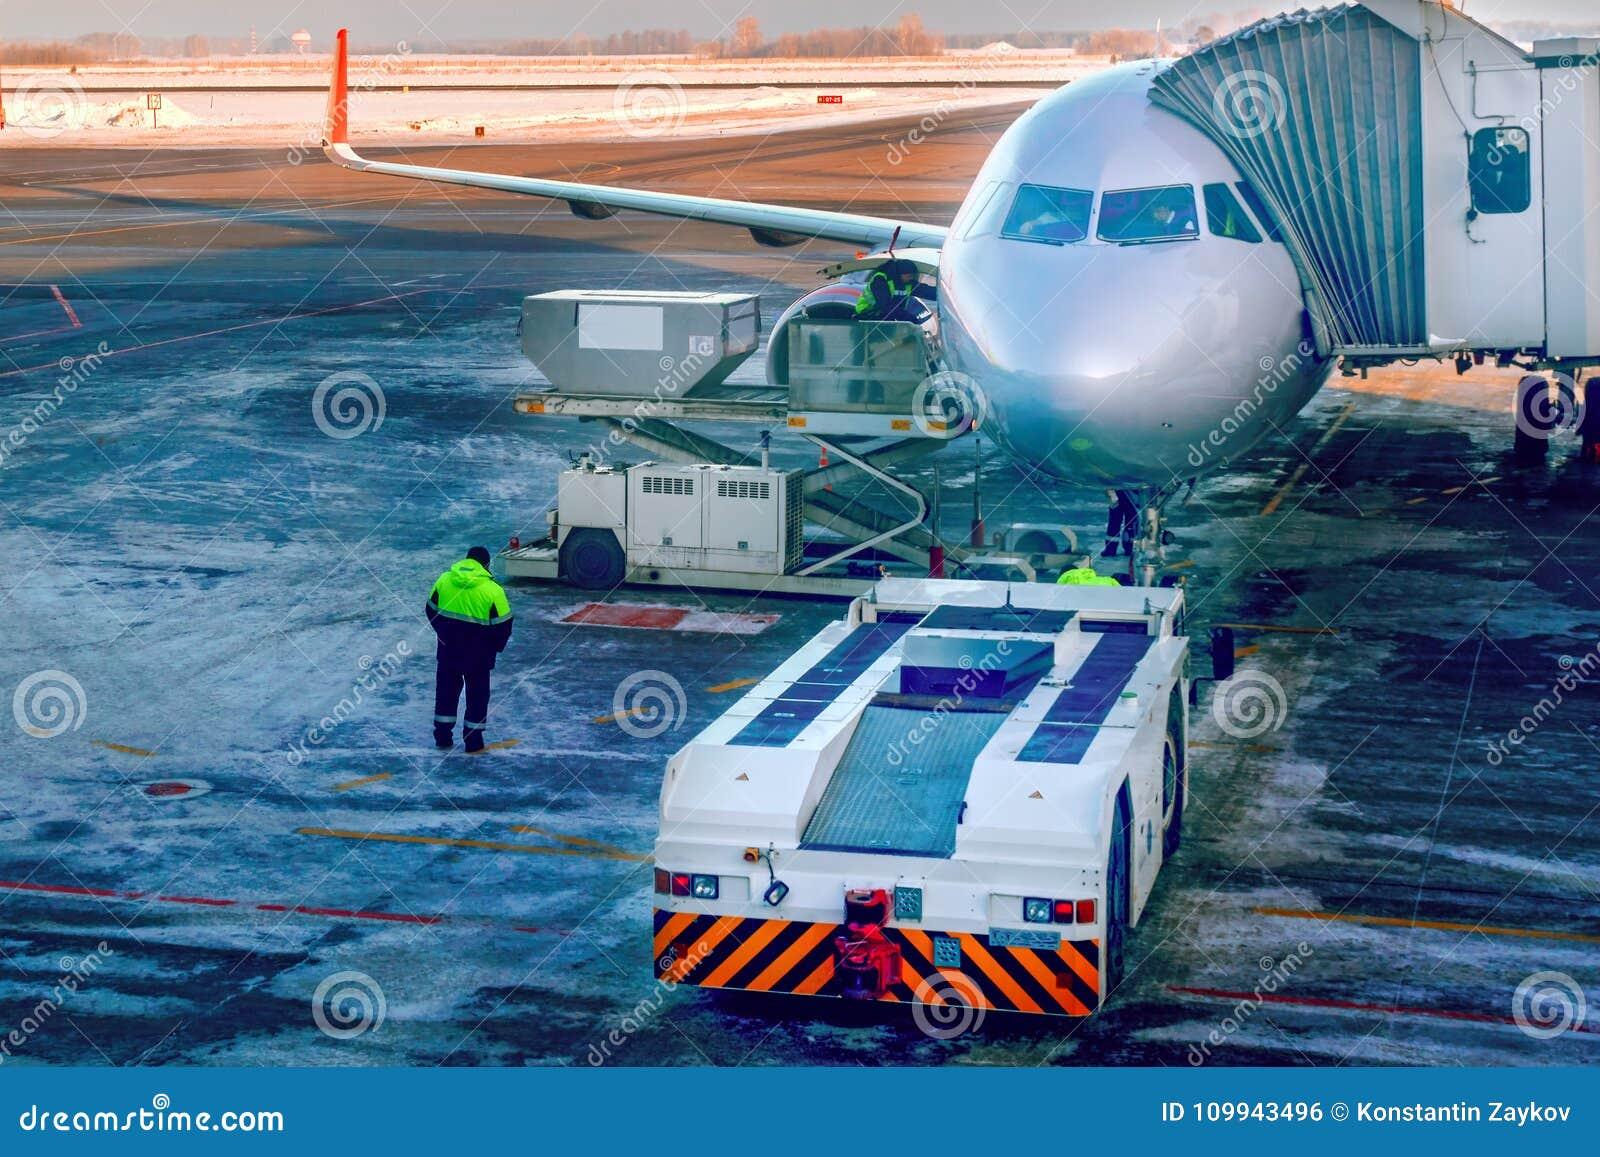 Flugzeuge, die zur jetway oder des Passagiers teleskopischen Passage auf dem Flughafenschutzblech befestigt werden Bereitet sich